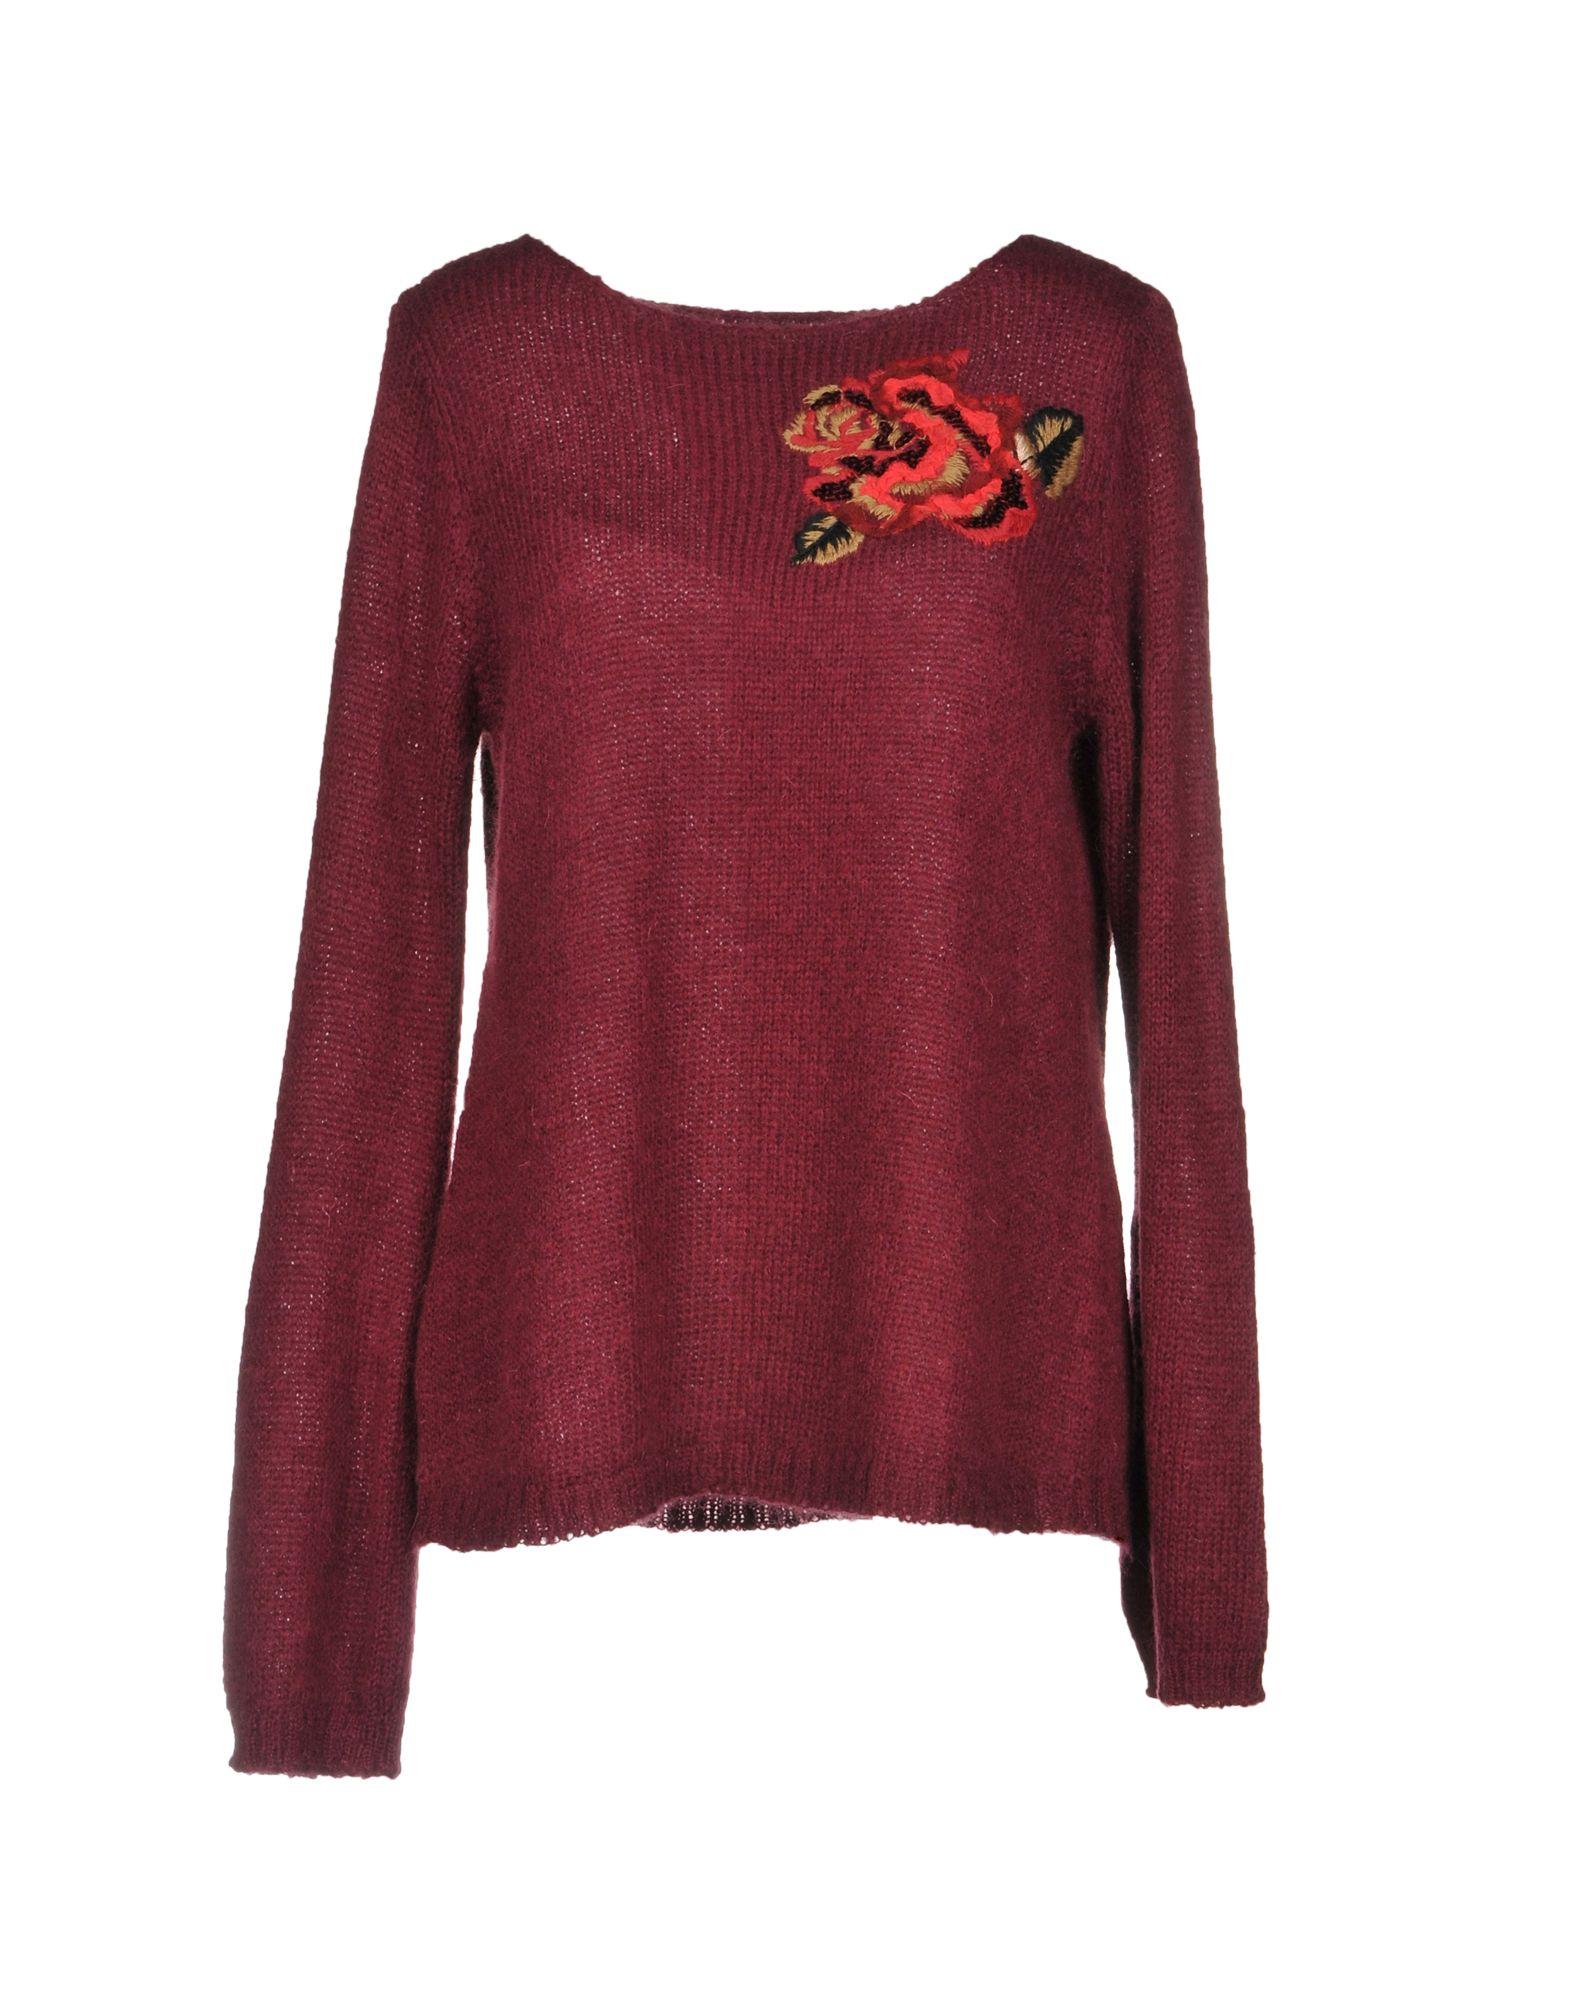 MANILA GRACE Sweaters - Item 39863350